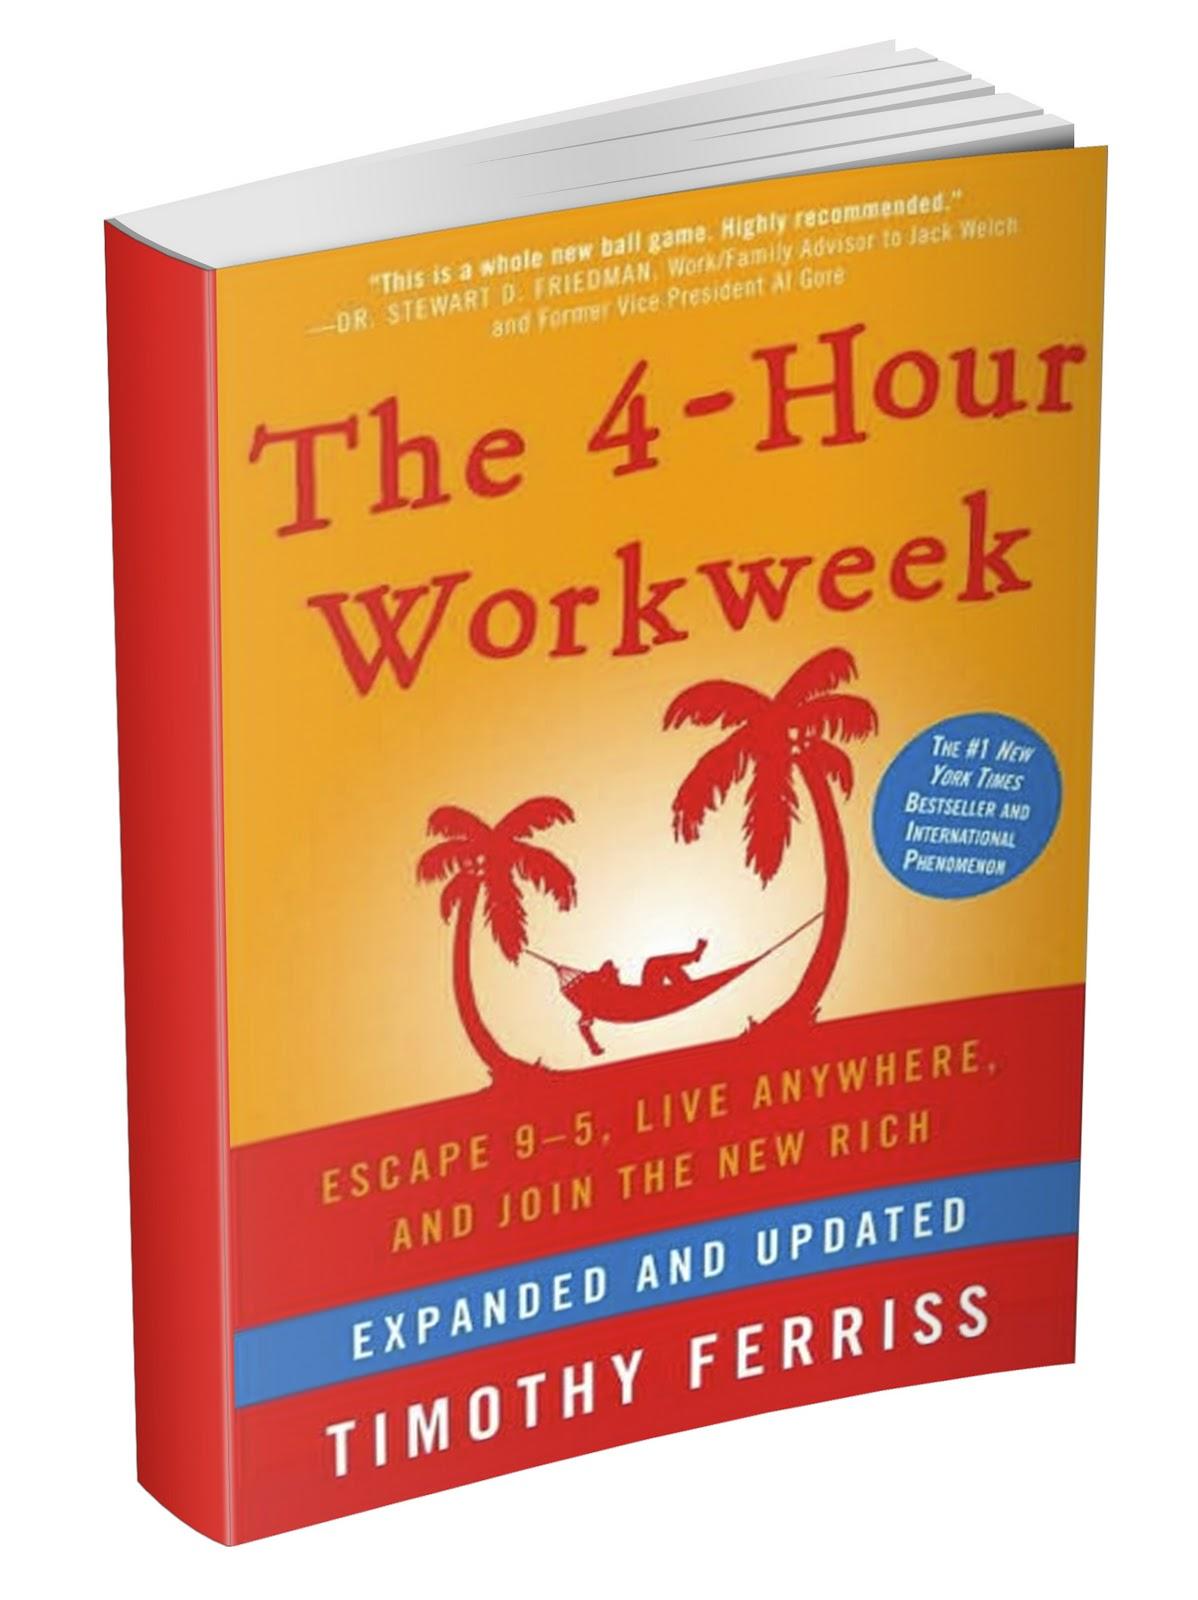 Fourhour work week